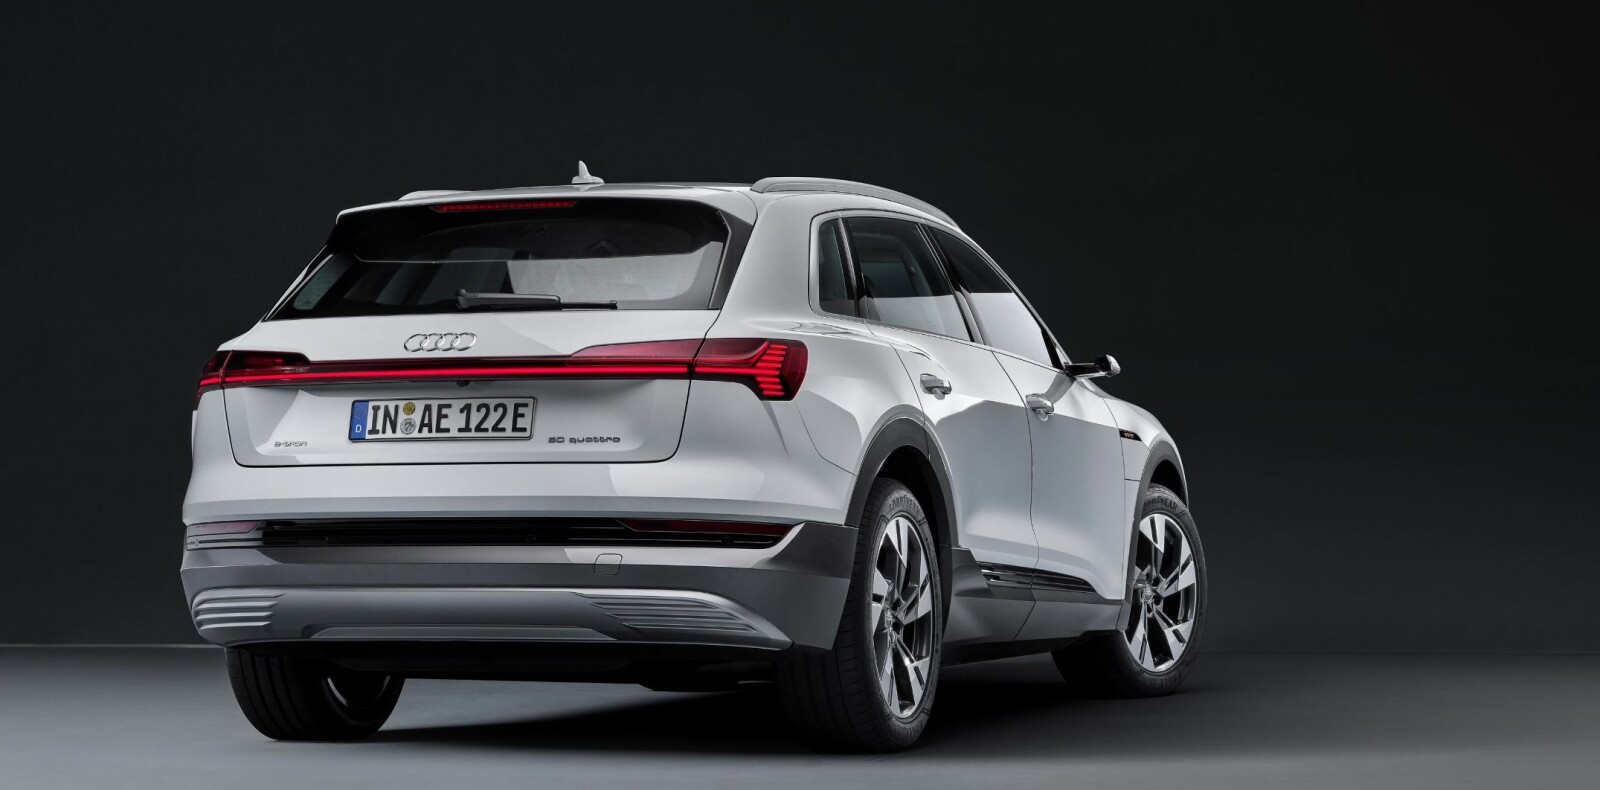 <b>GJENKJENNELIG:</b> I mørket kjenner du lett igjen den brede lyslisten som går over hele bilens bredde på Audi e-tron.